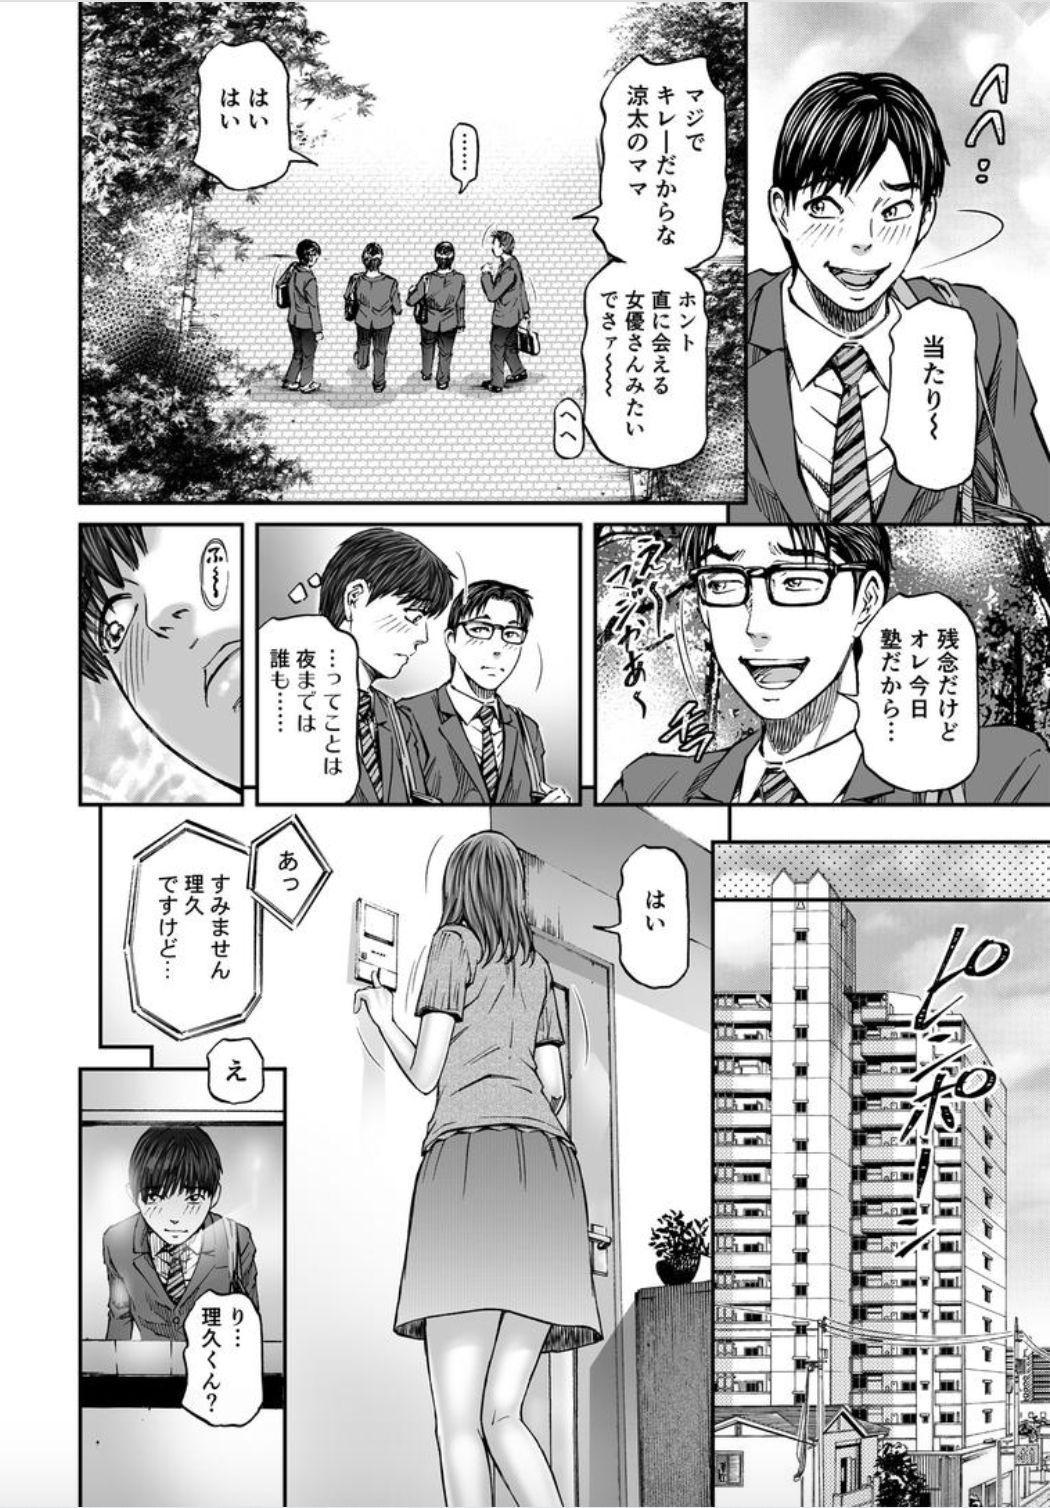 Seisyoku Dance Hitodzuma no chitsueki ni mamirete 1-2 78